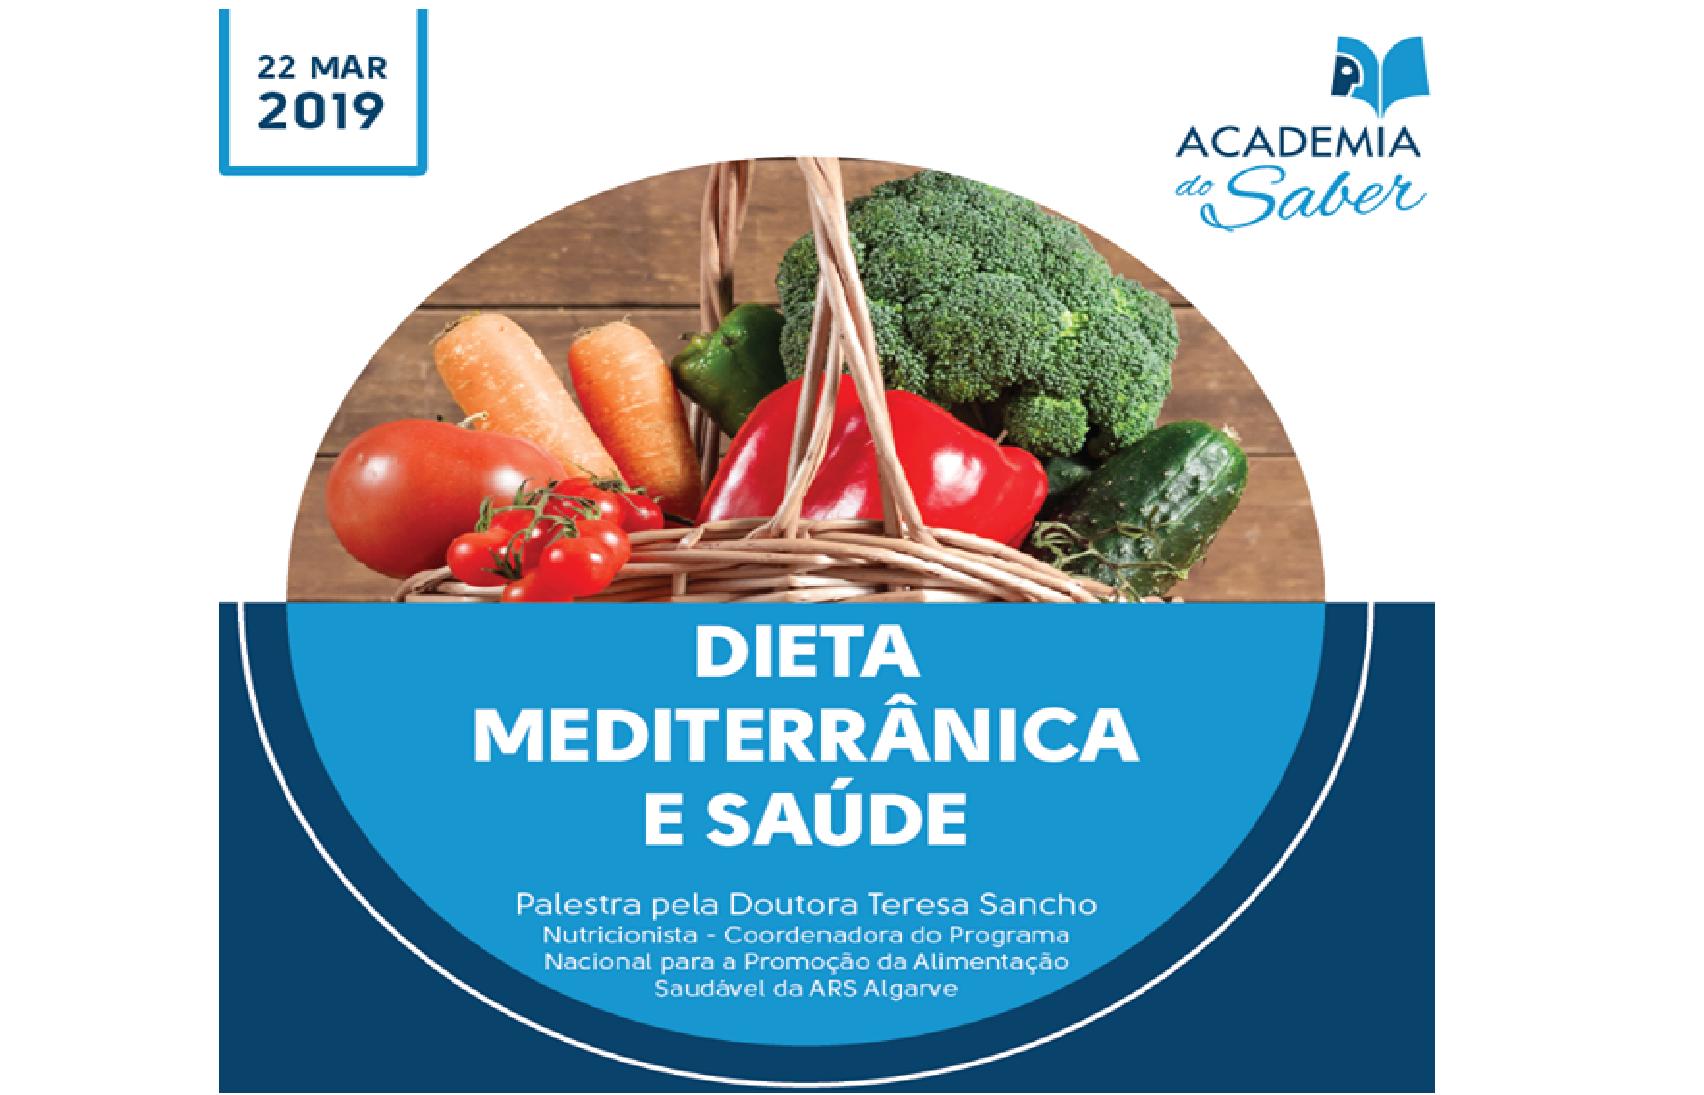 Dieta Mediterrânica e Saúde (Academia do Saber - Quarteira)